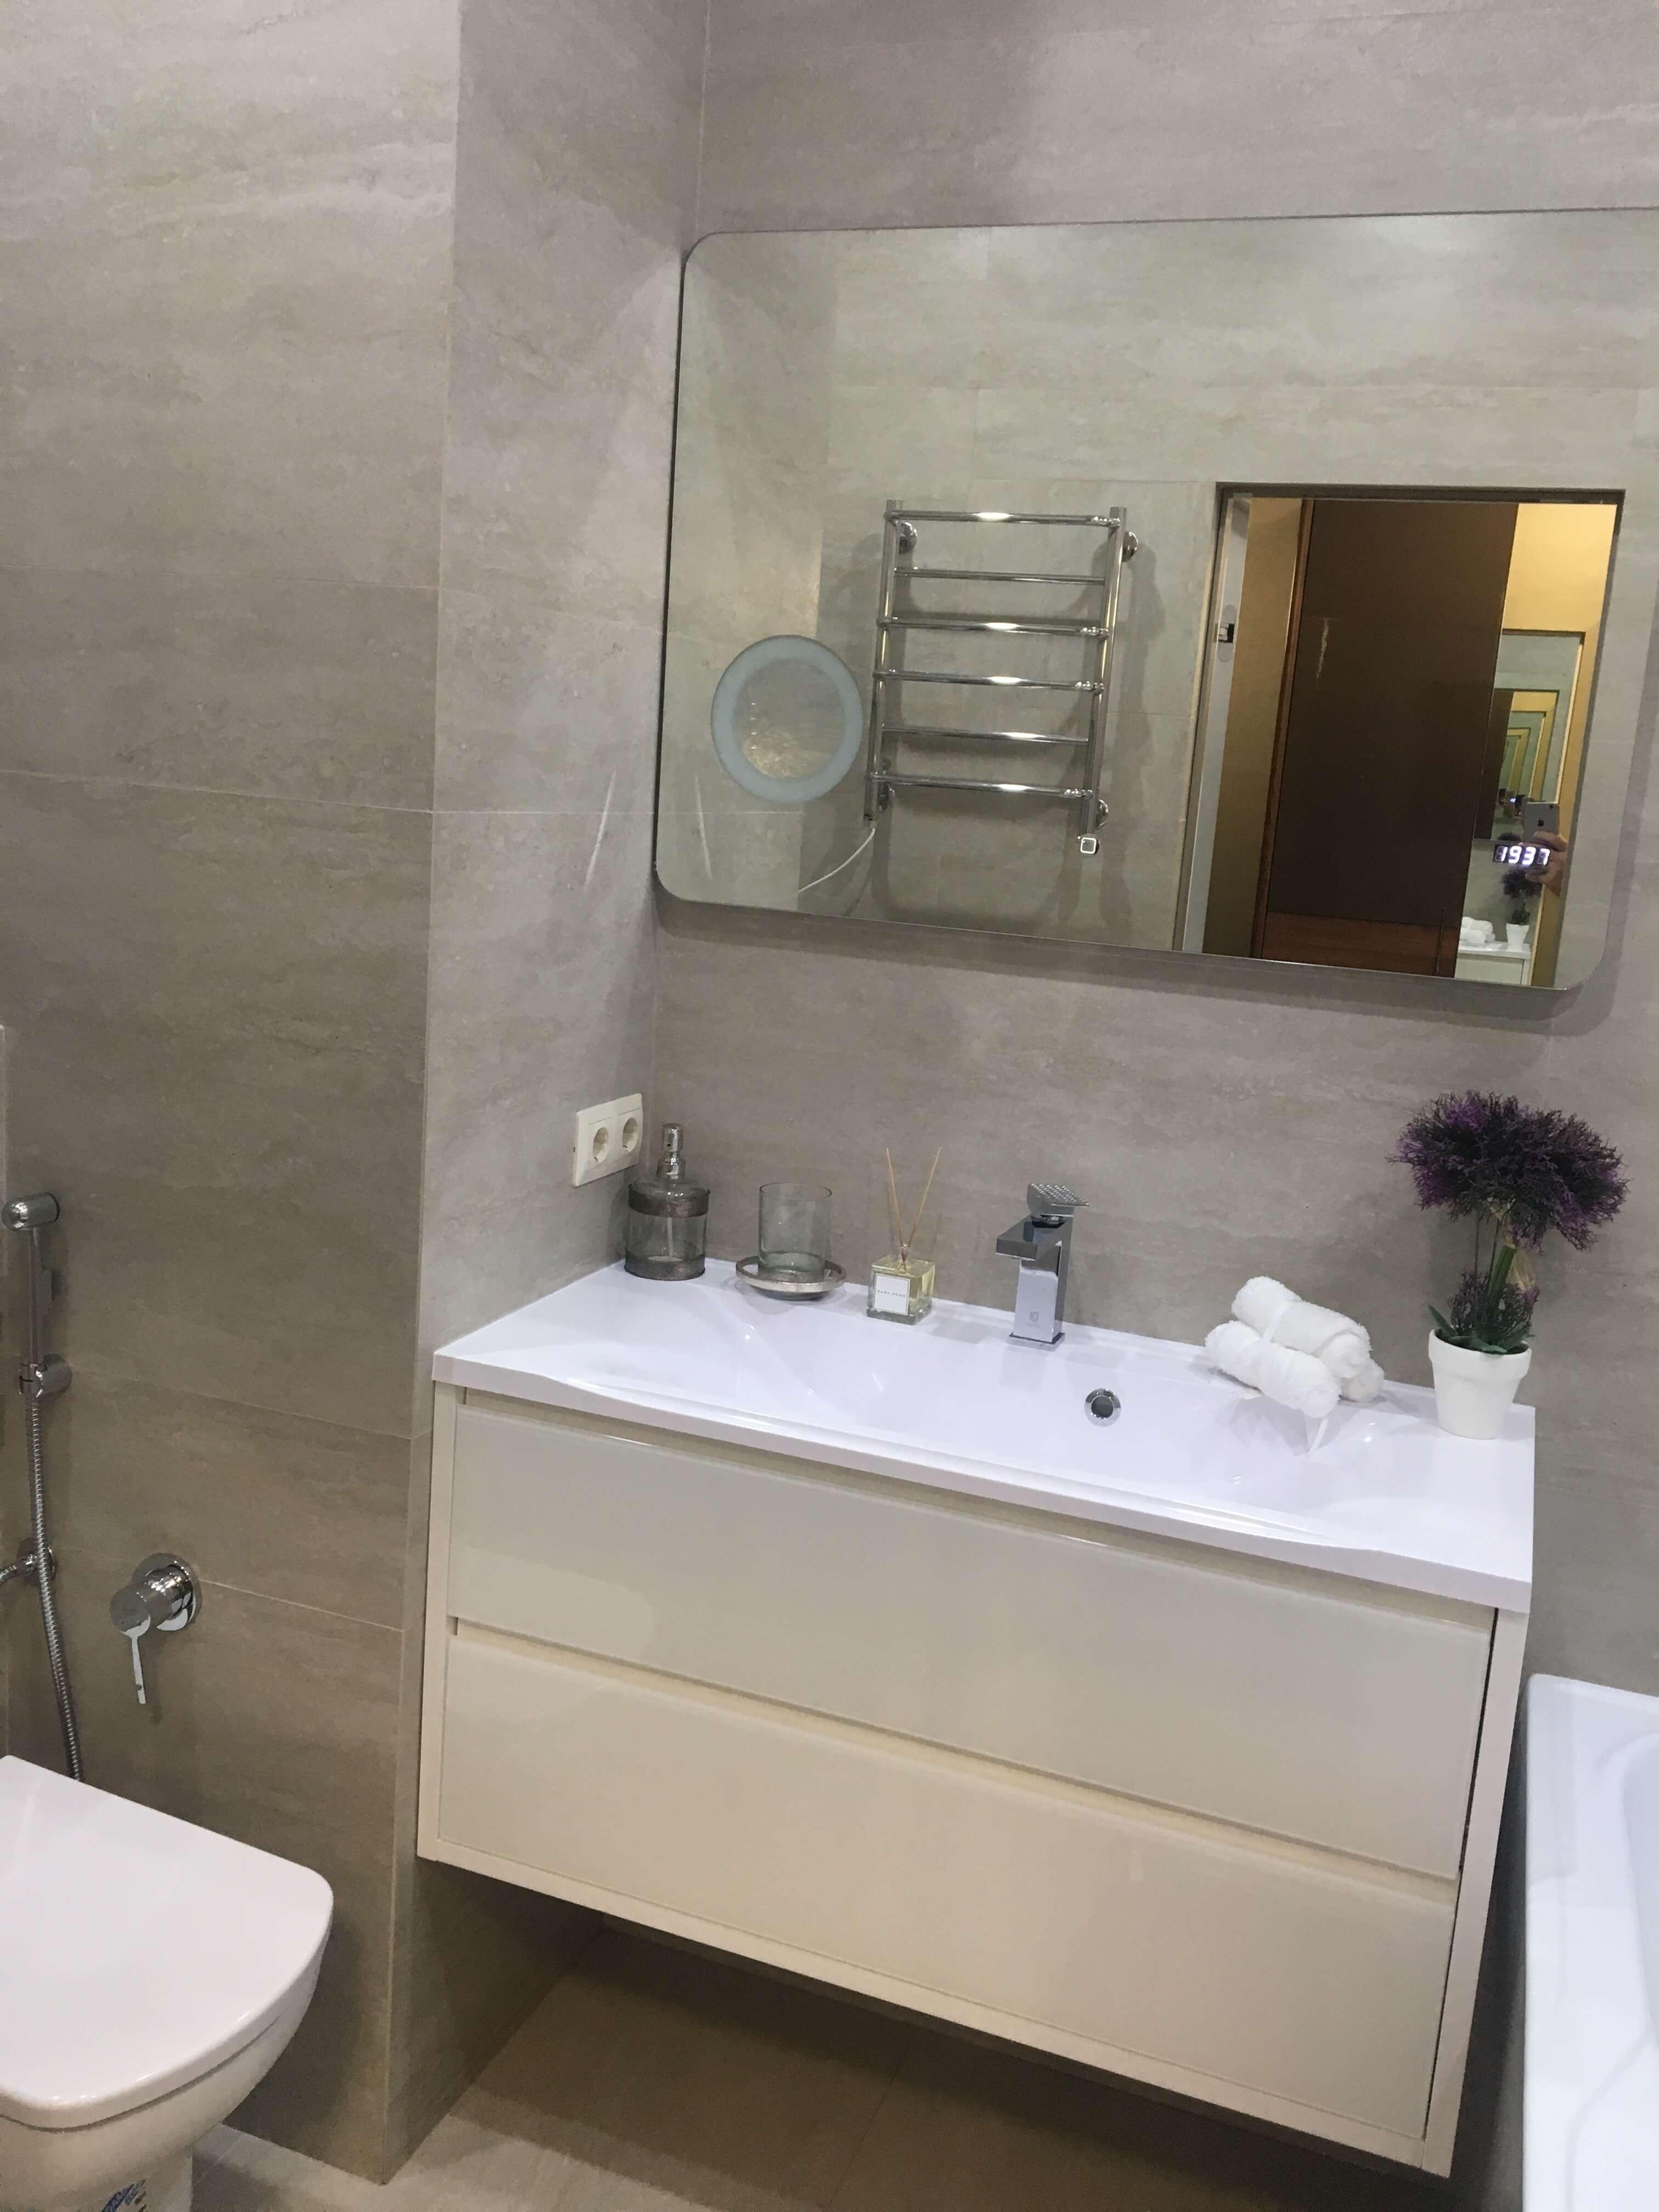 Уютные апартаменты в центре Сочи в престижном комплексе - image Uyutnye-apartamenty-v-tsentre-Sochi-v-prestizhnom-komplekse-5-1 on https://bizneskvartal.ru